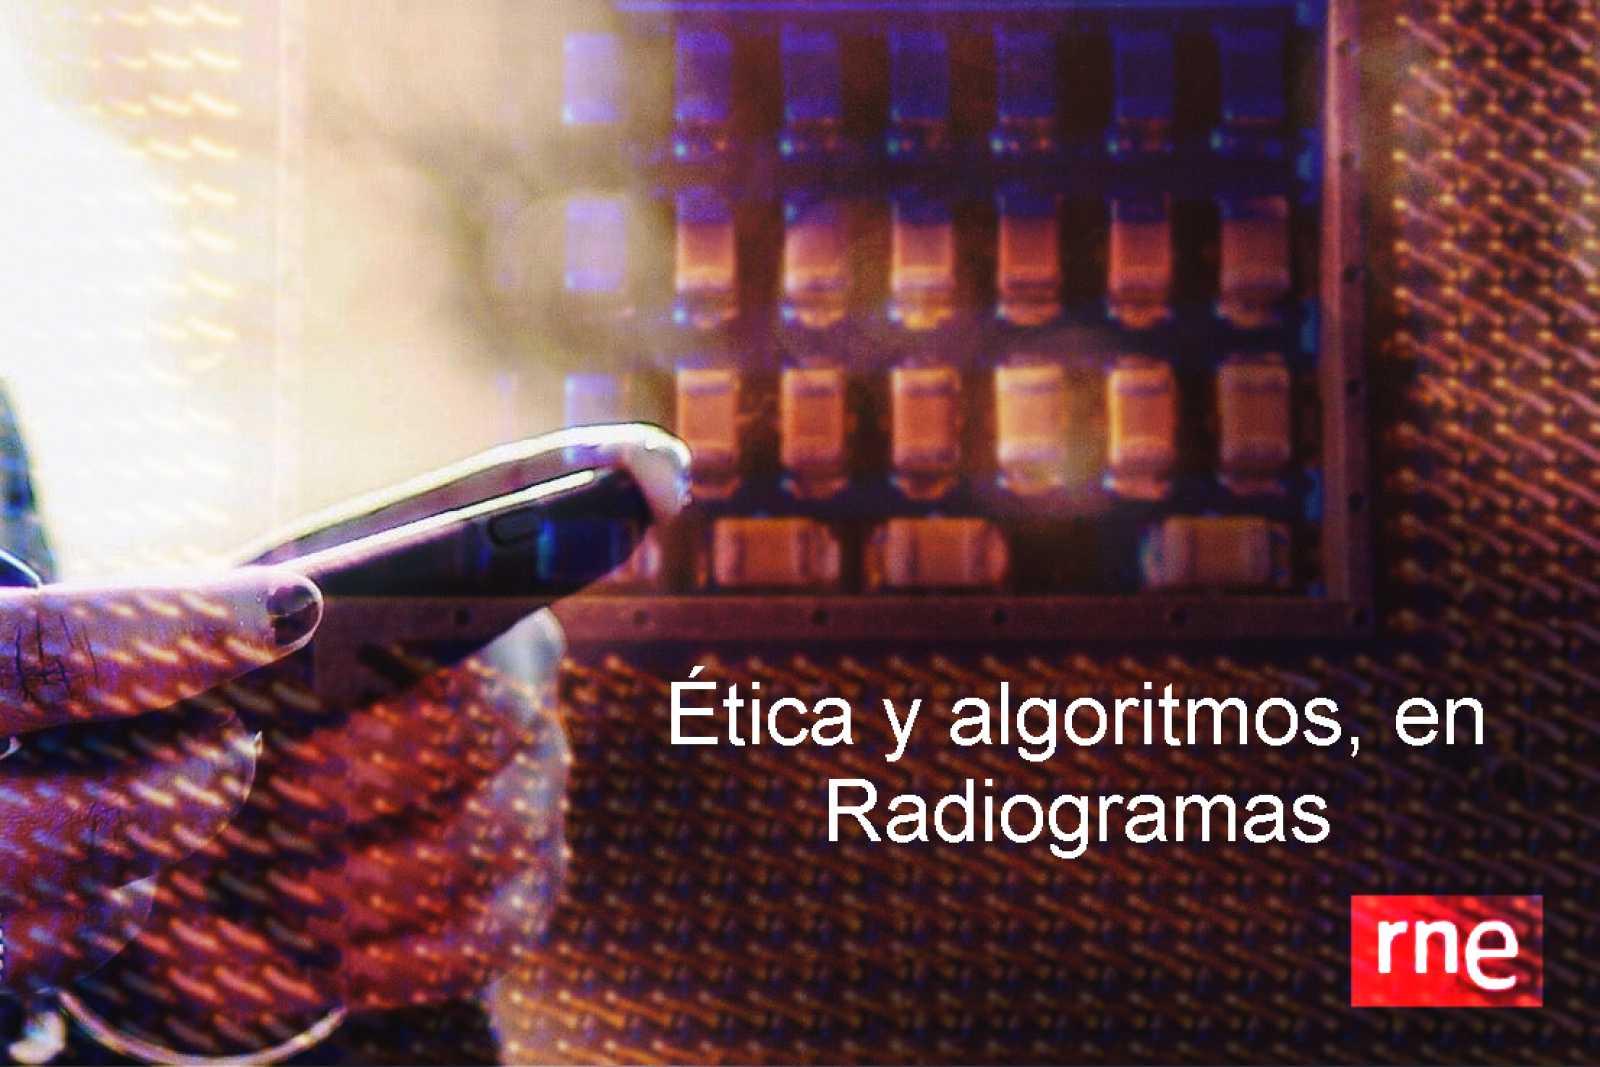 Radiogramas - Ética y algoritmos - 08/02/21 -  escuchar ahora